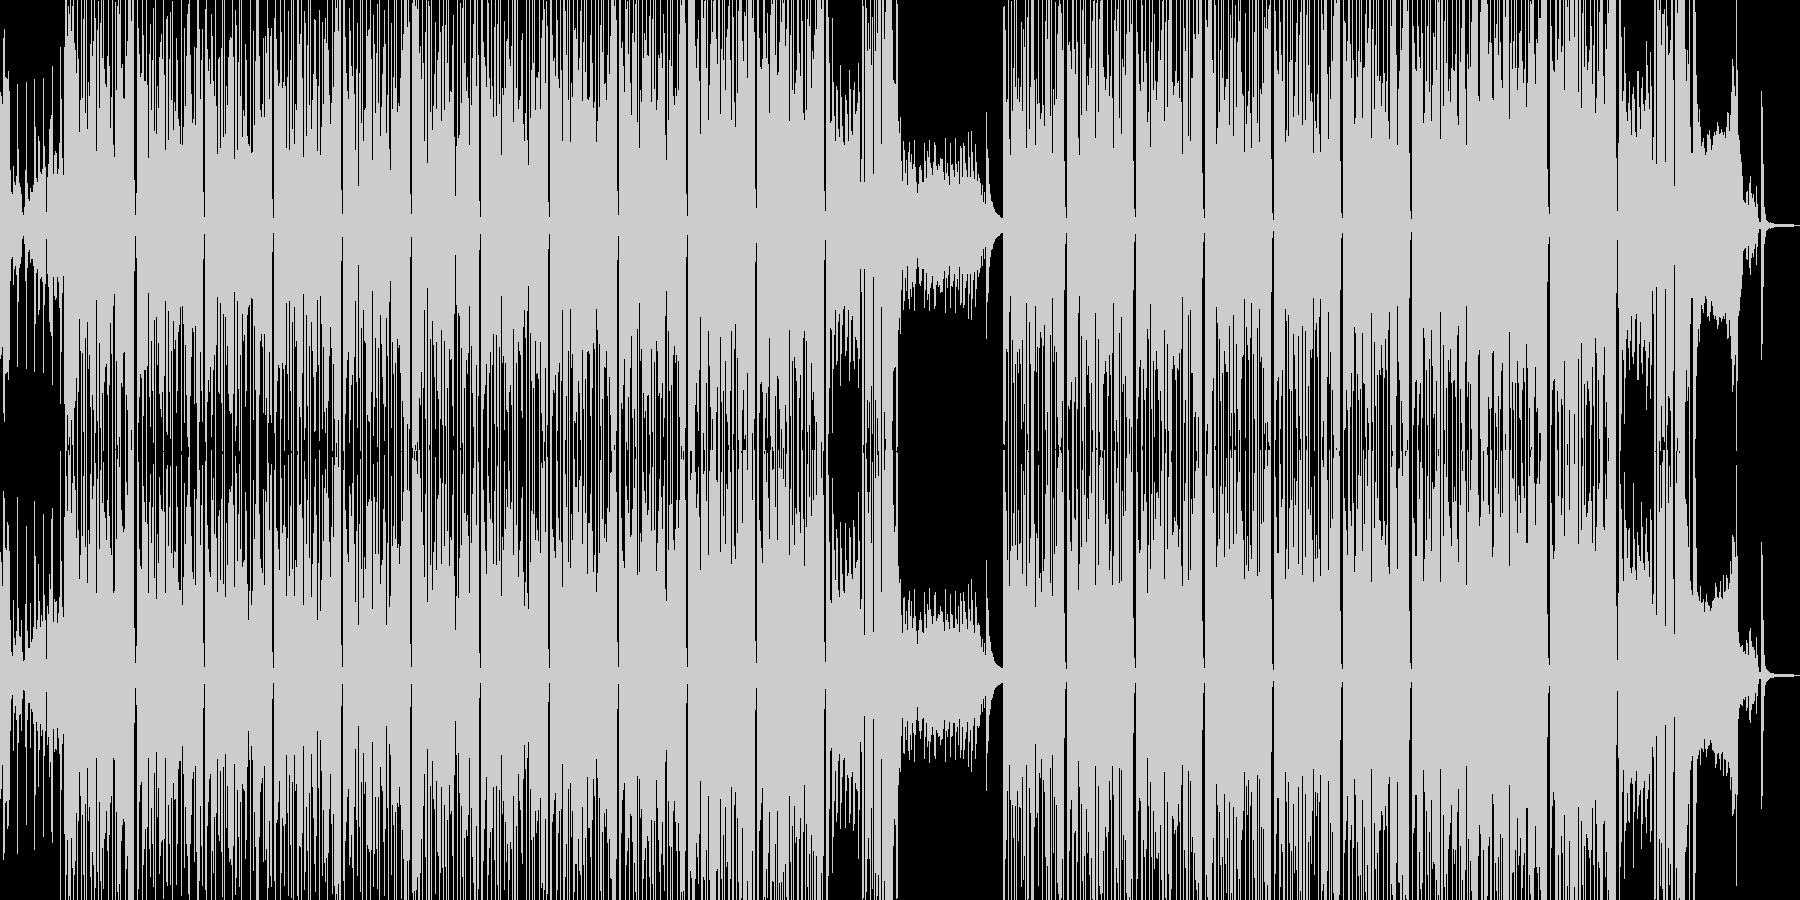 タイム制限クイズのようなポップスの未再生の波形